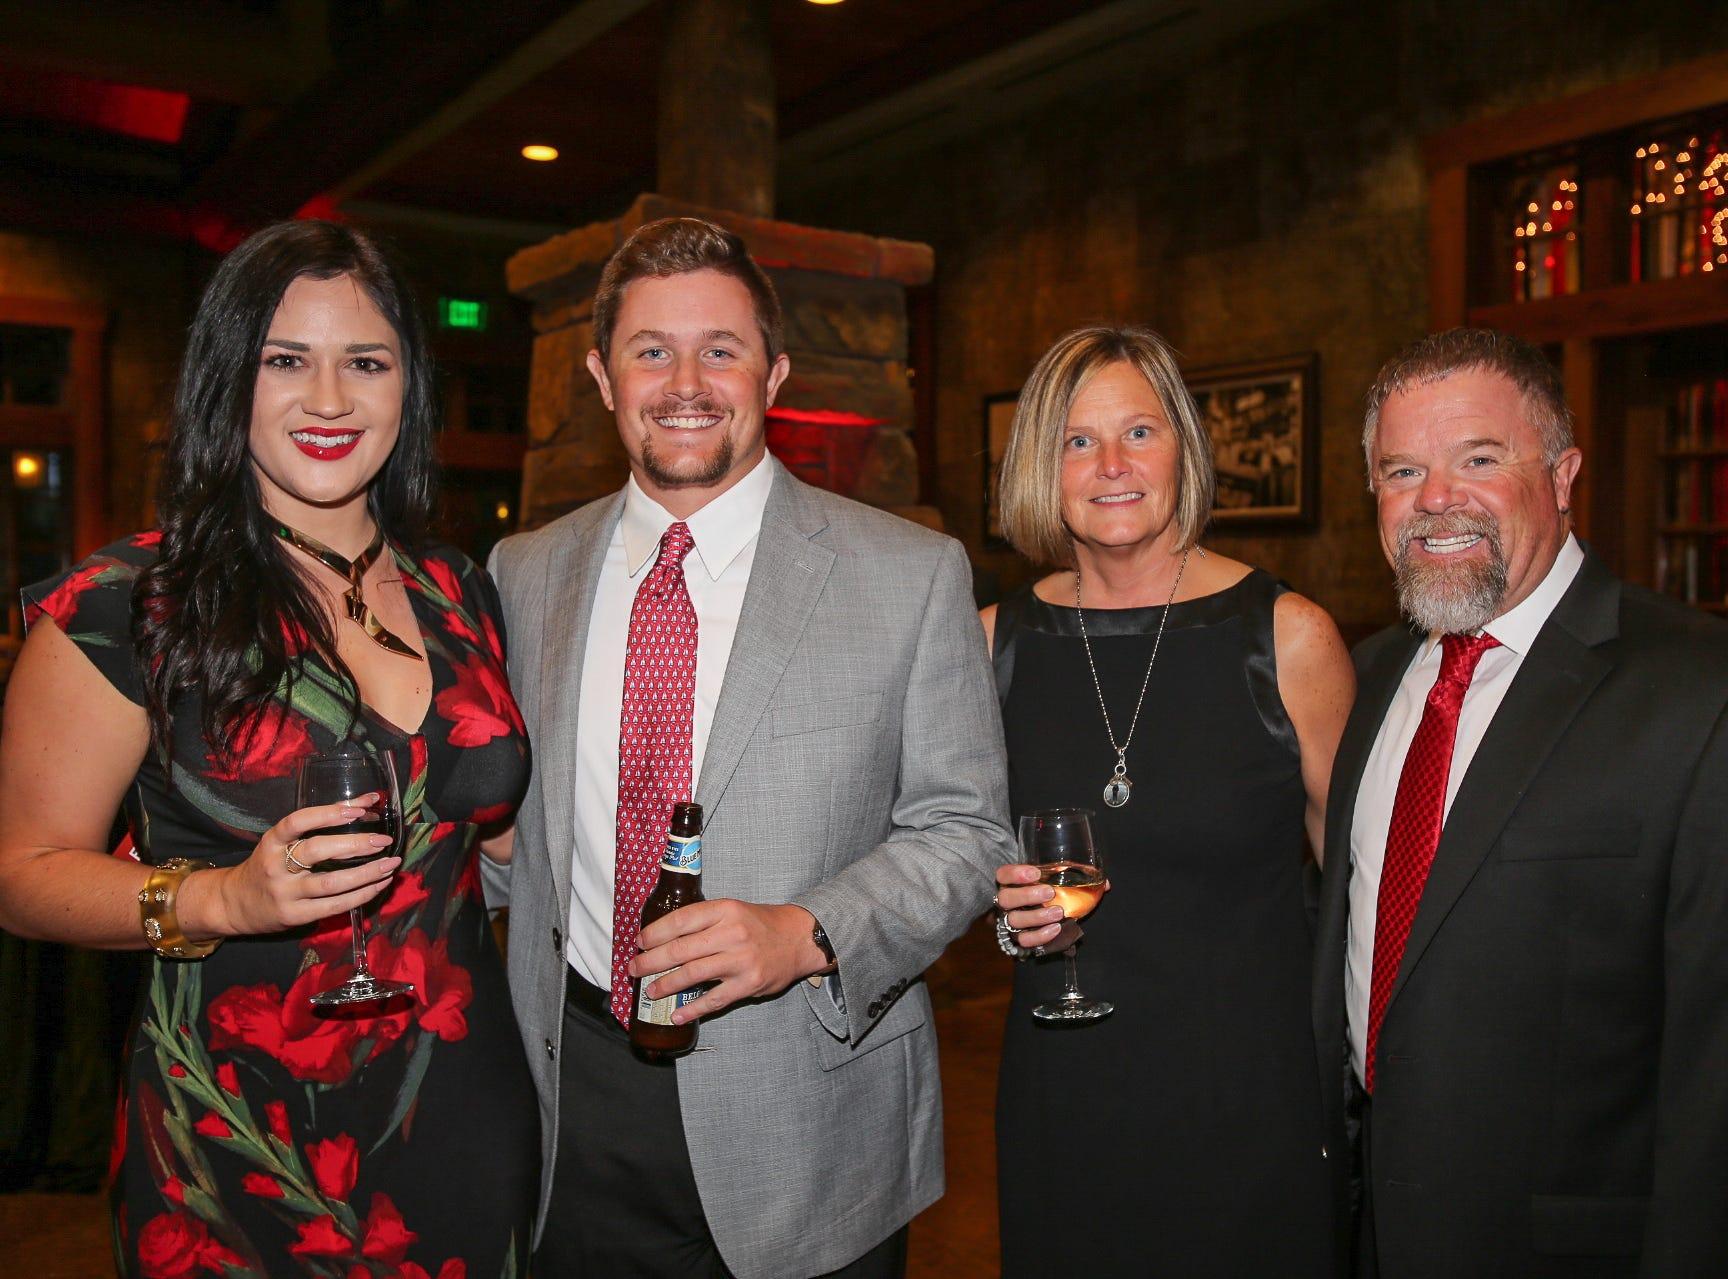 Kristen Bergen and Andy, Cindy, and Scott Liedenguth